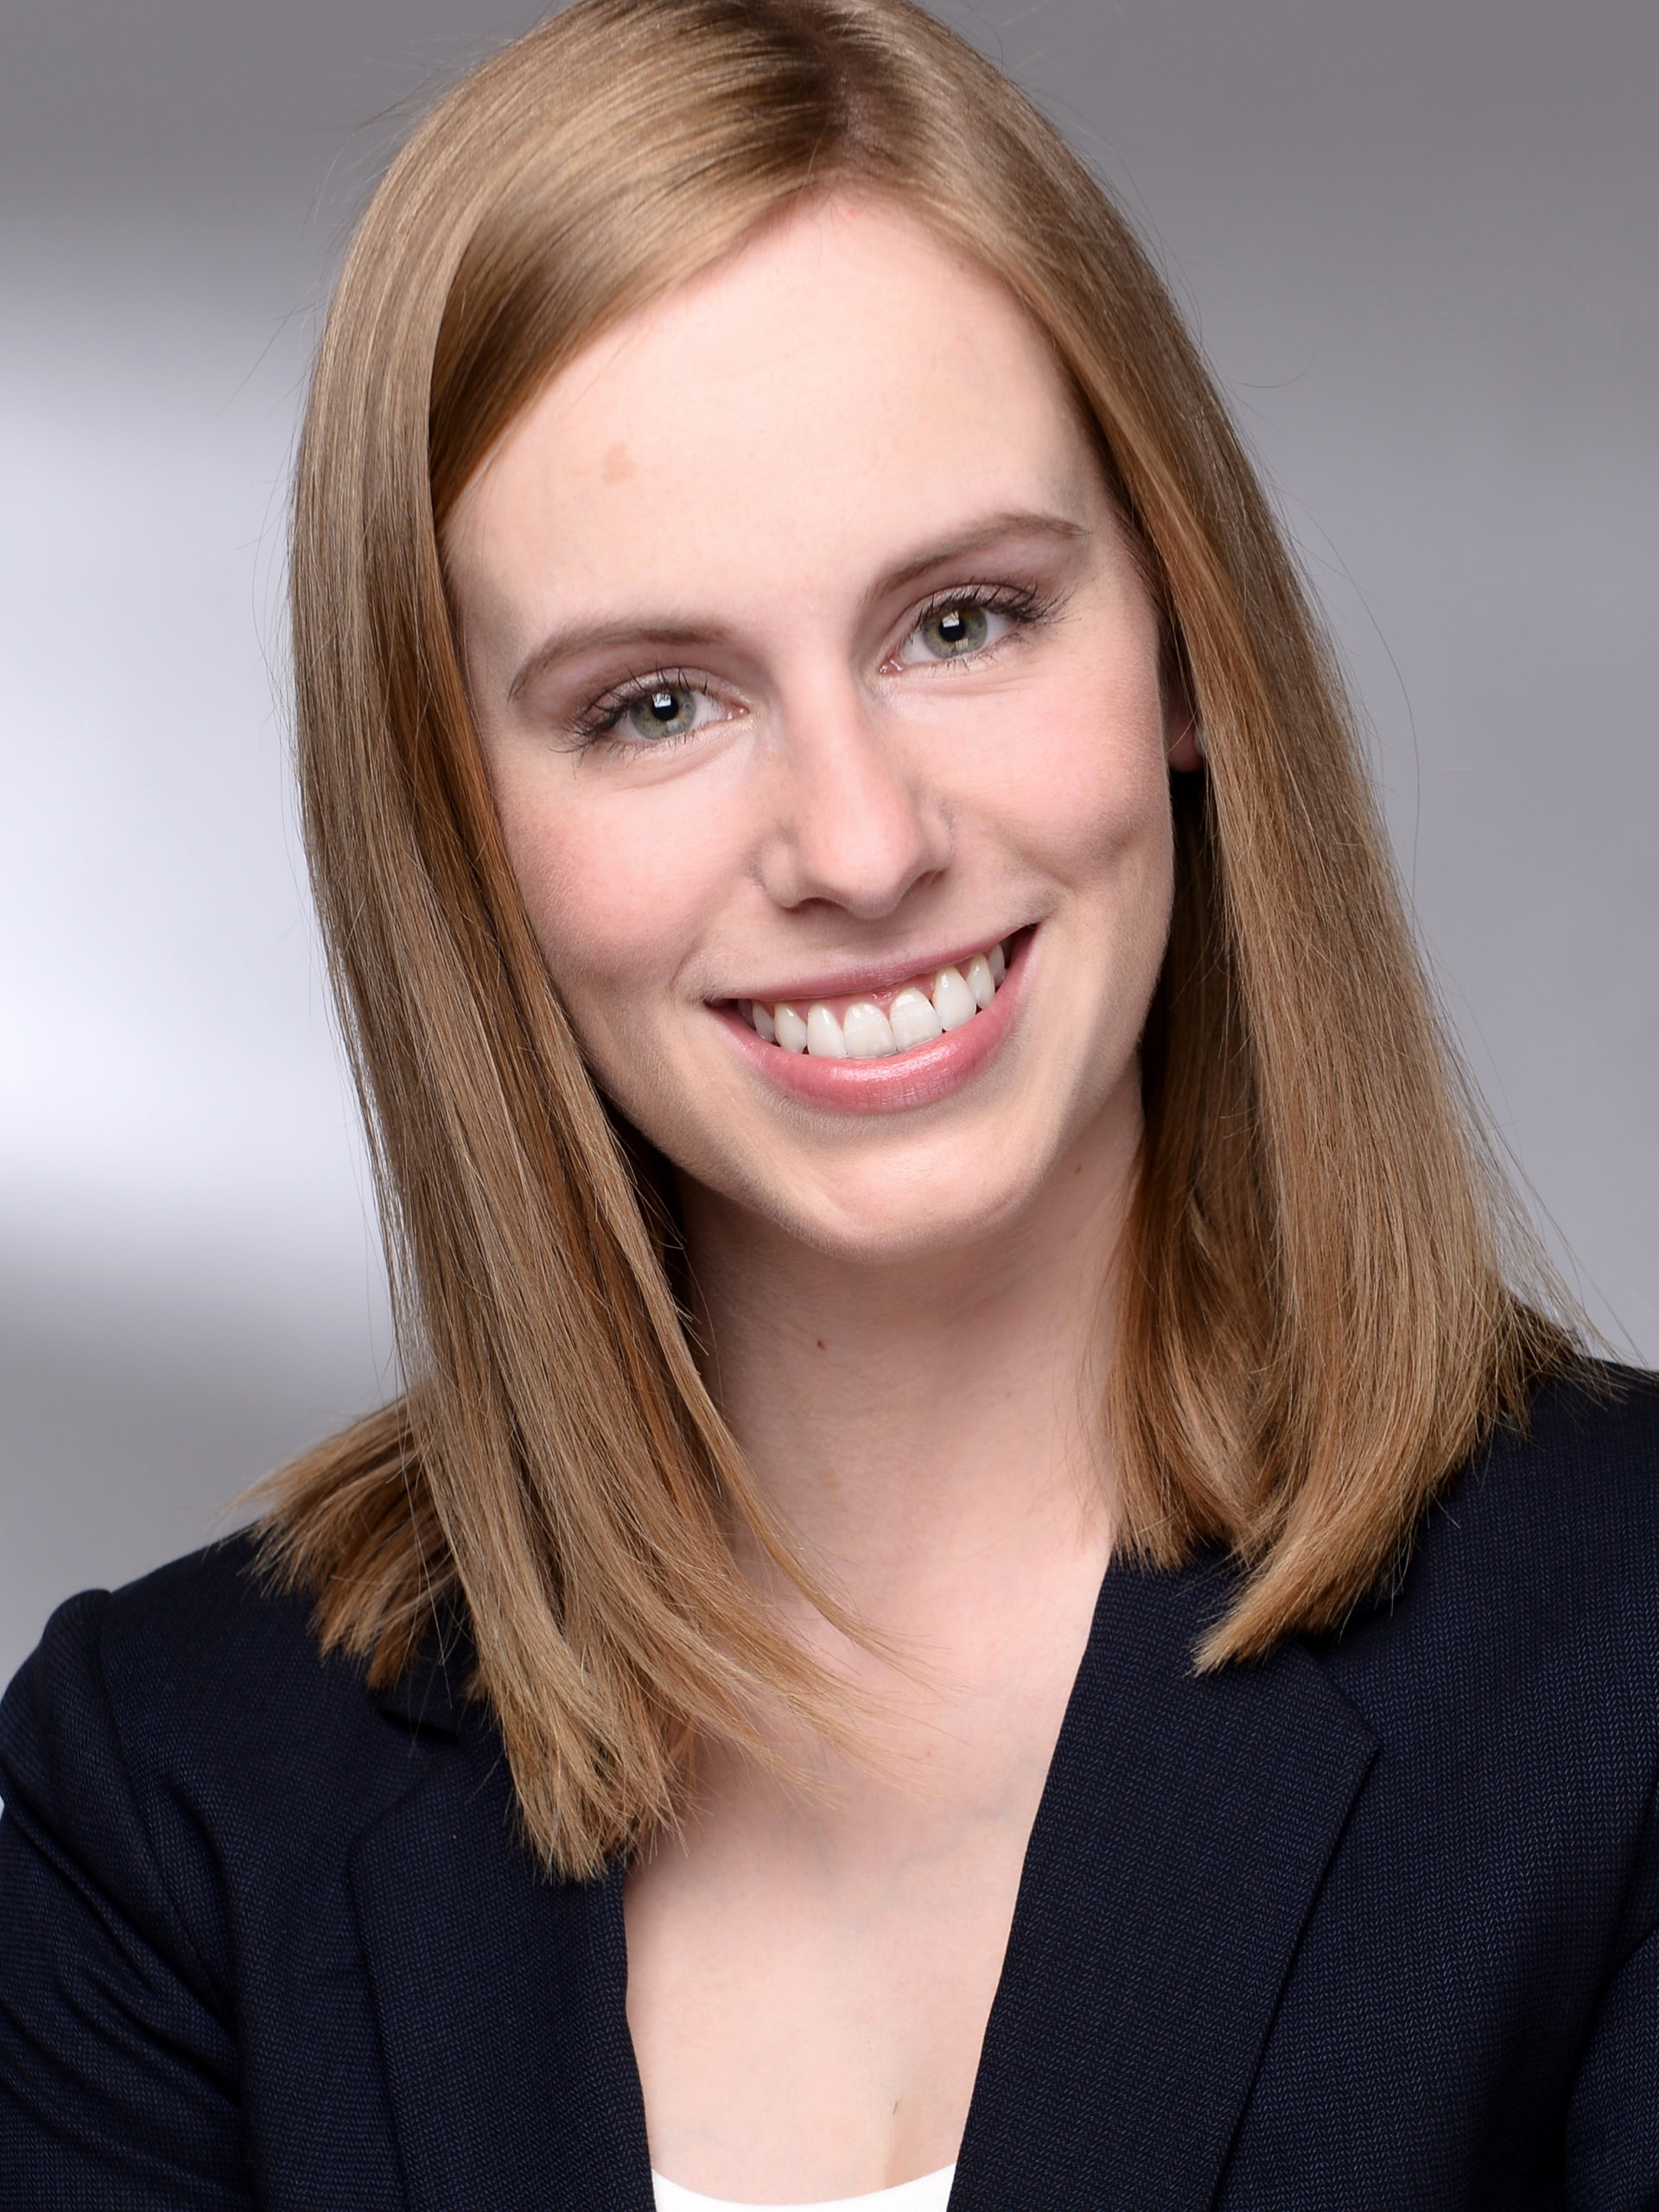 Nicole Leopold